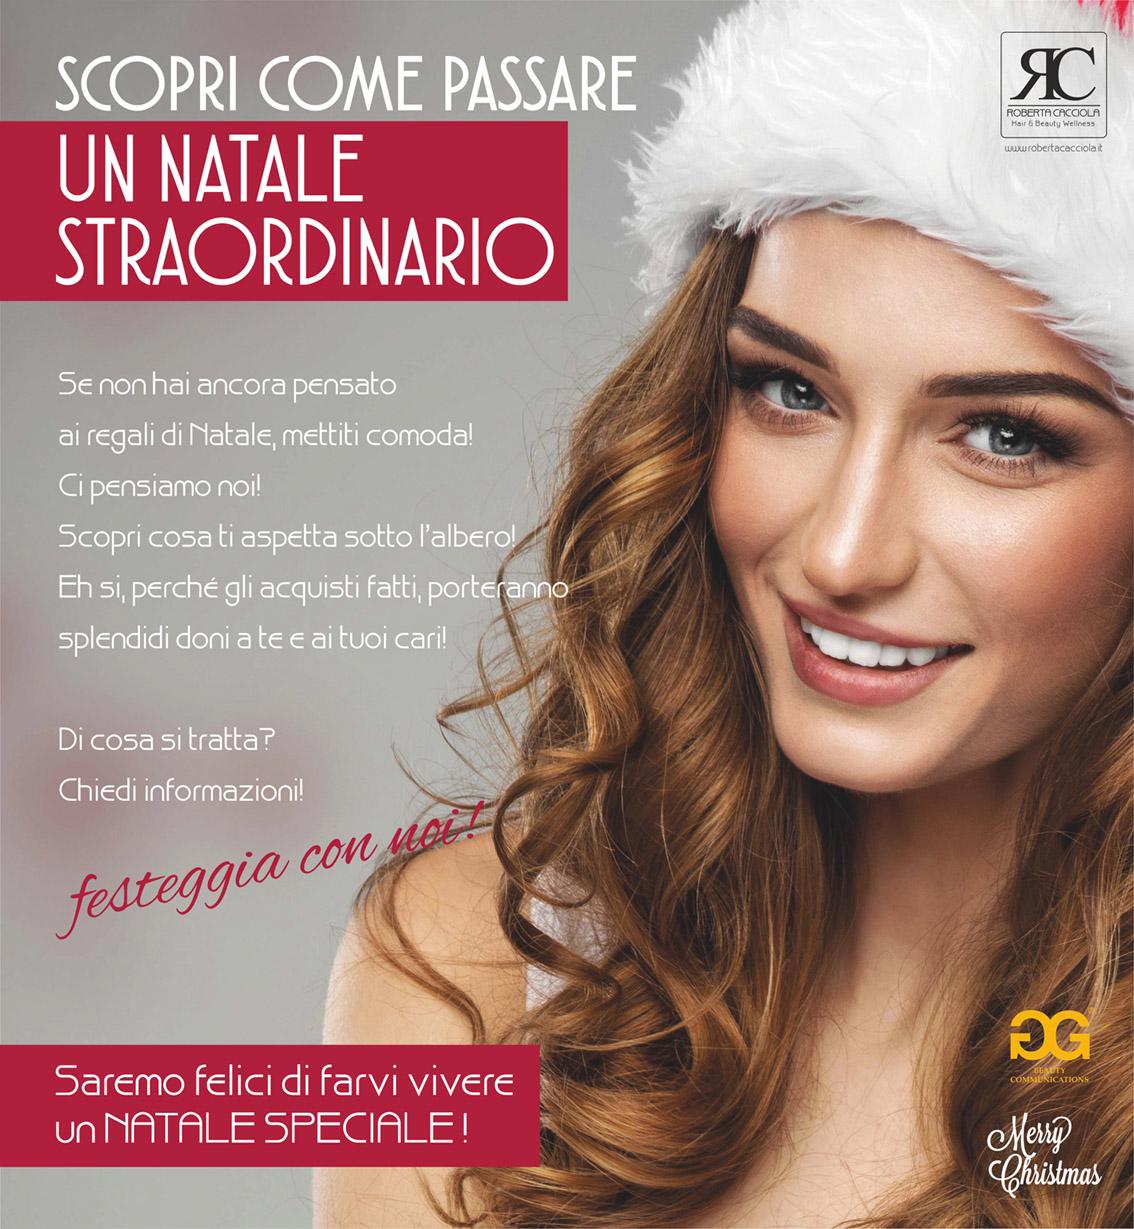 Idee regalo Natale 2018 | Roberta Cacciola - Parrucchieri Estetica